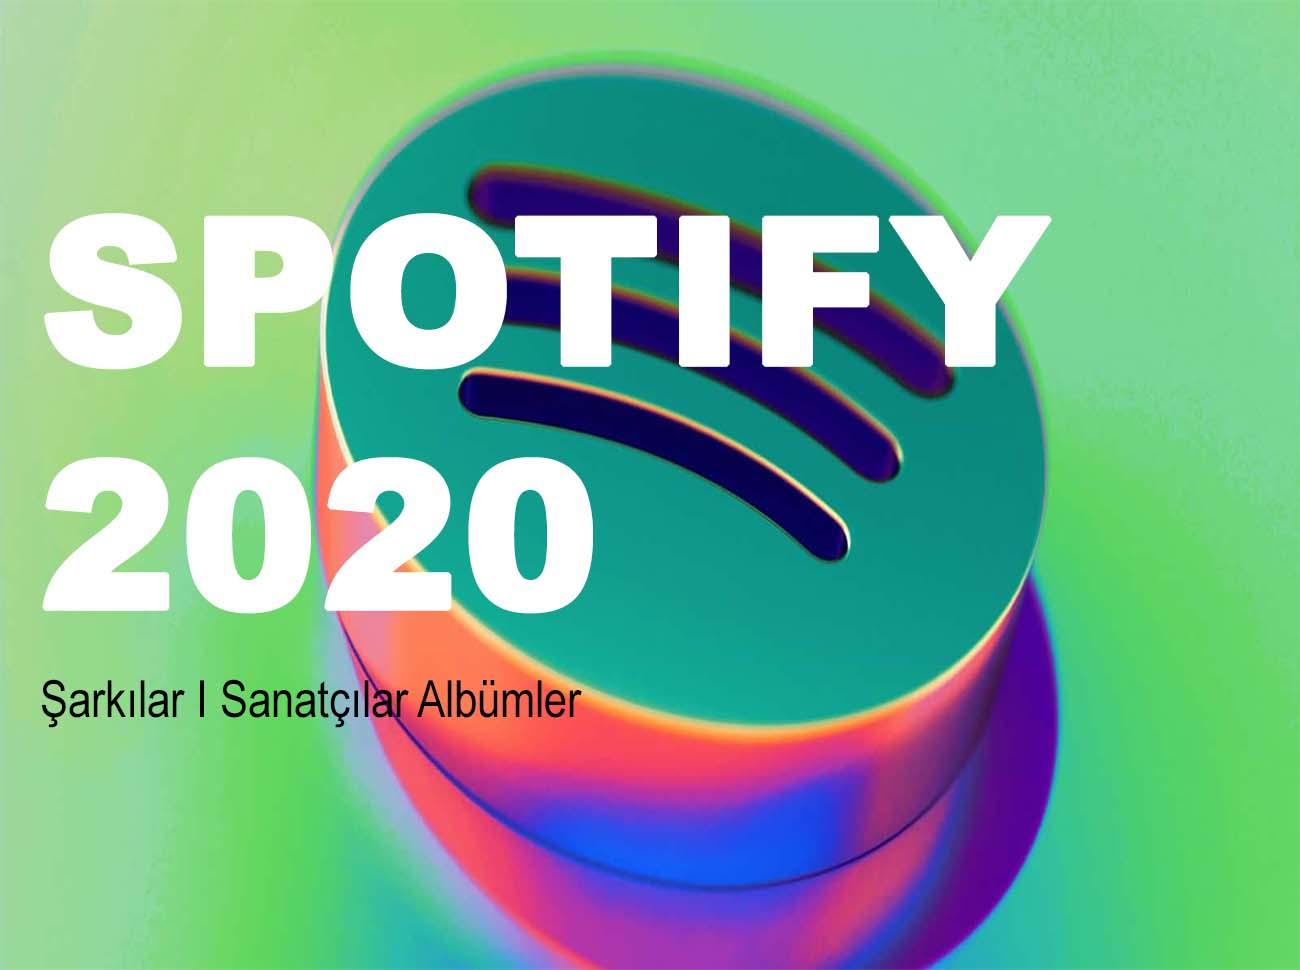 Spotify 2020 Yılının İstatistiklerini Açıkladı